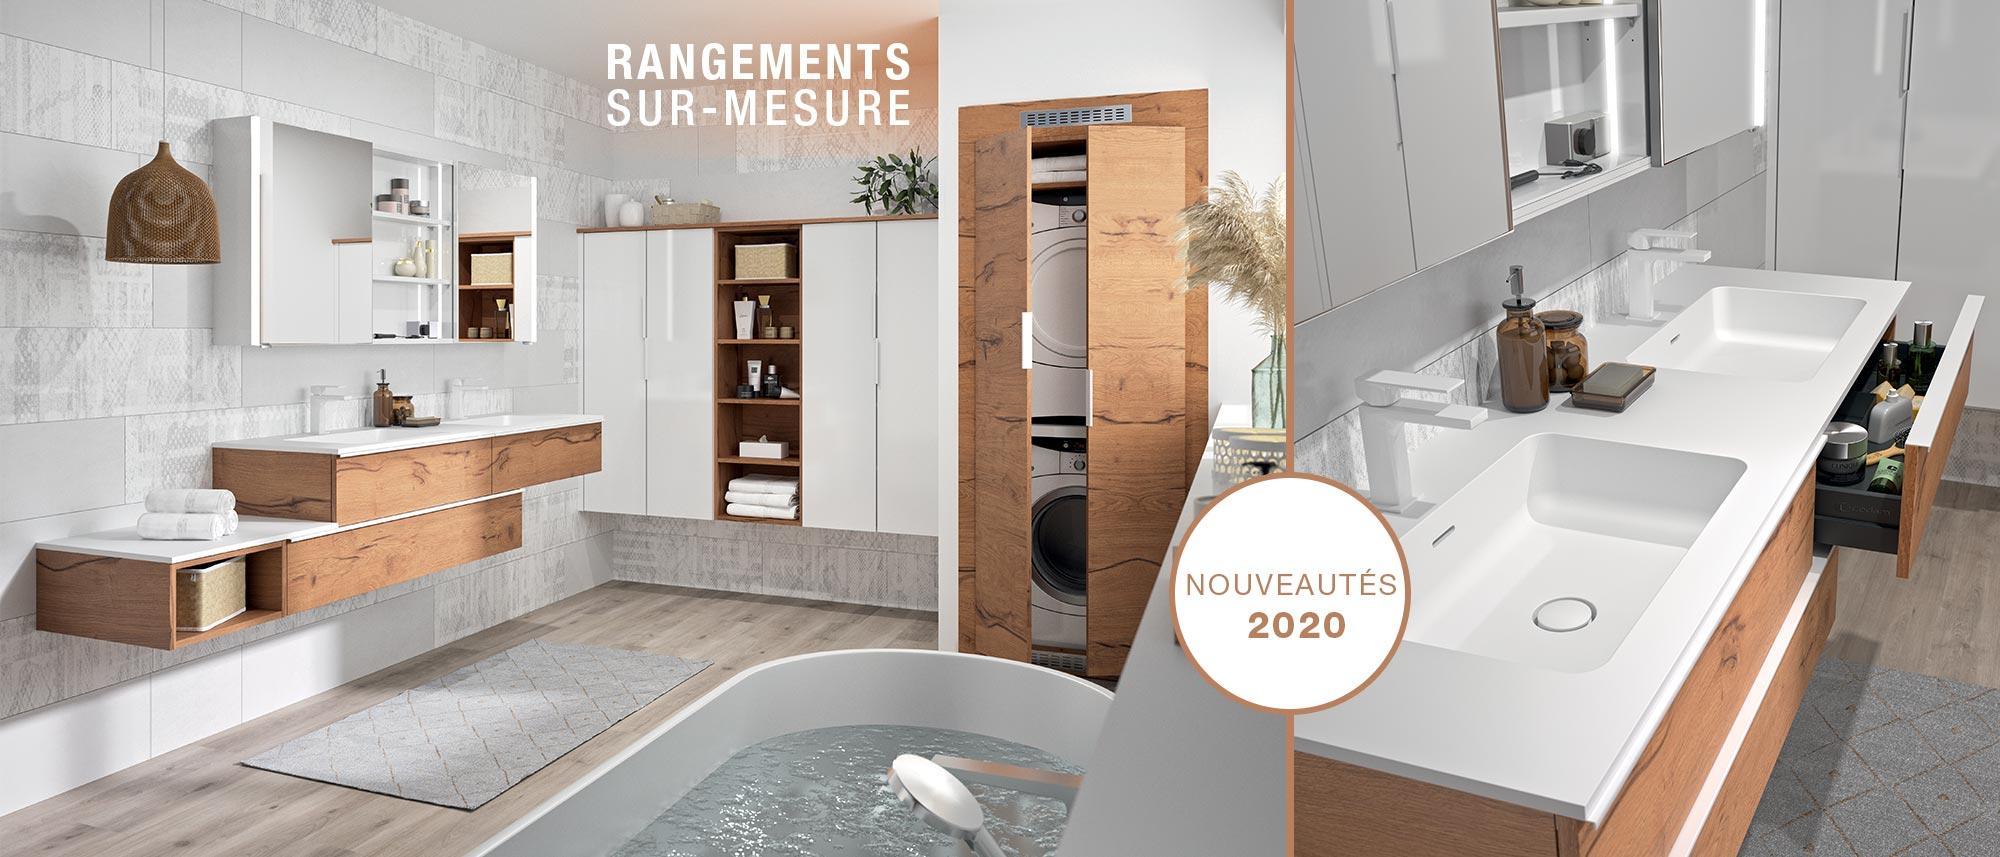 Meubles De Salle De Bains Baignoires Fabricant Francais Cedam